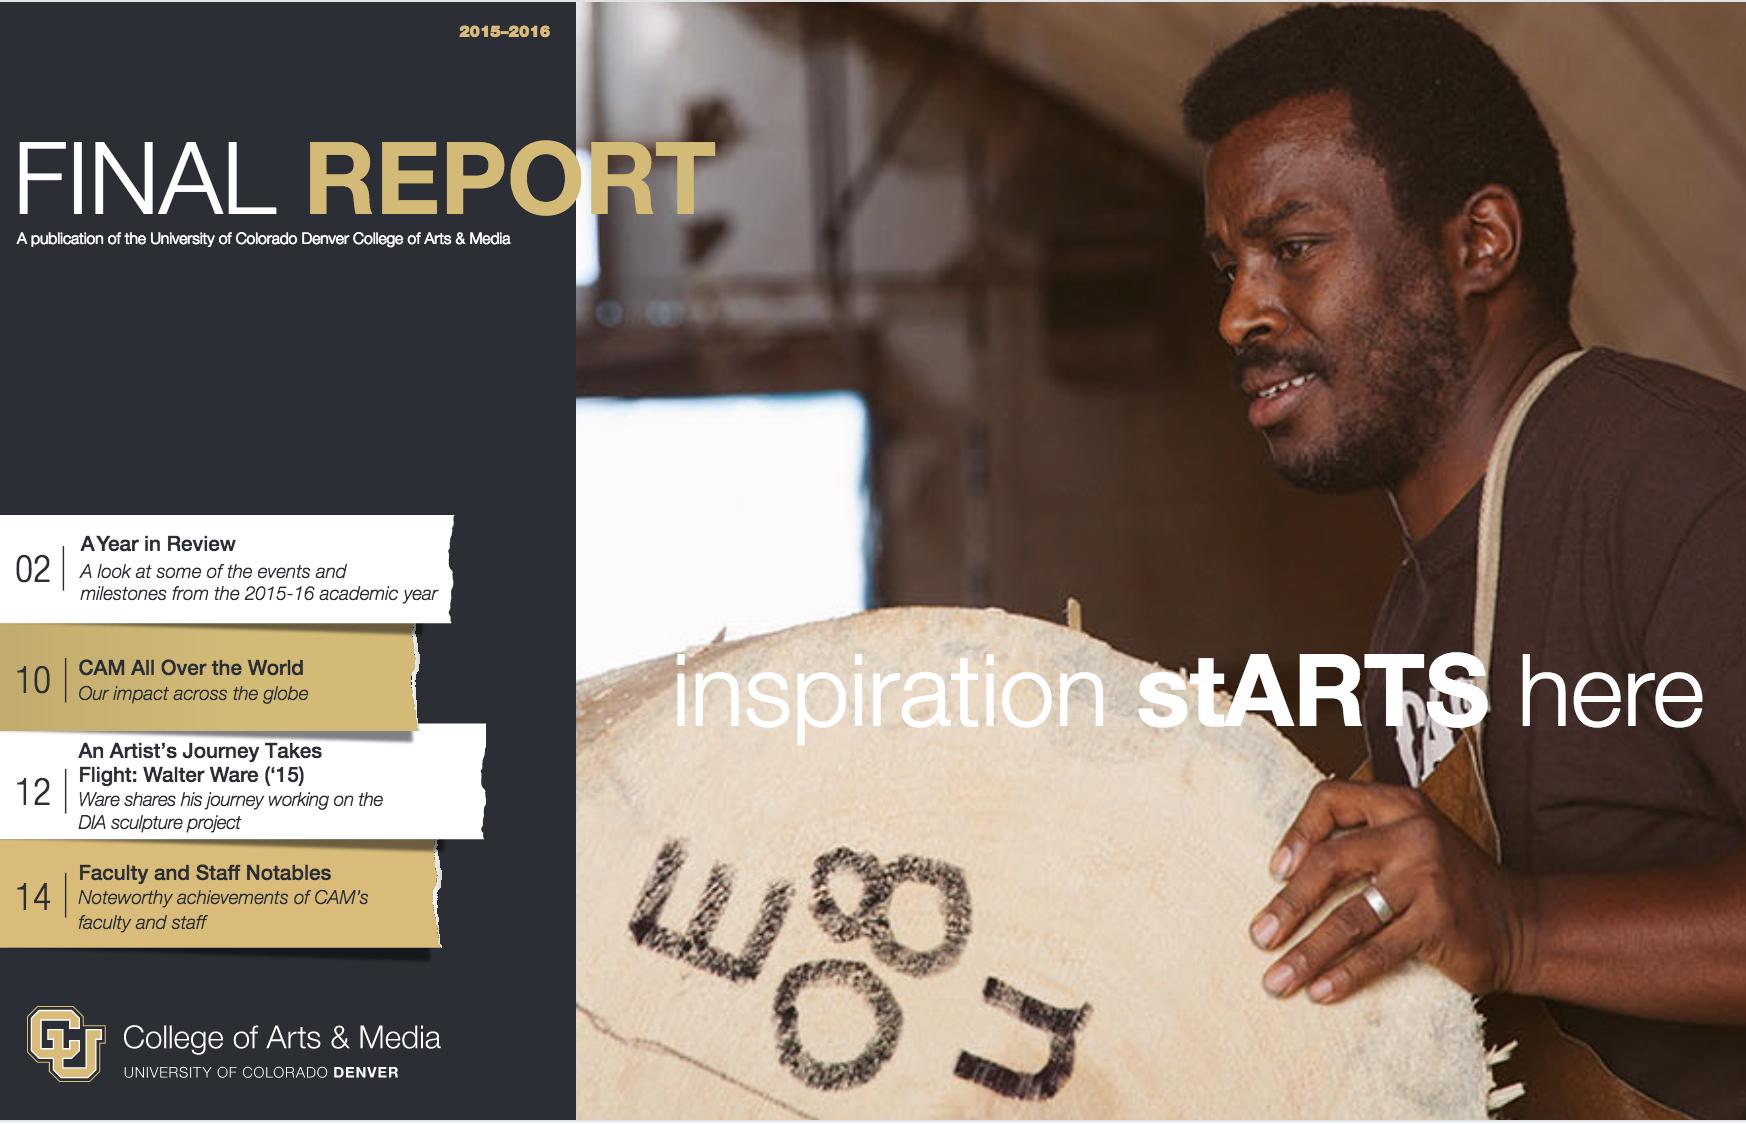 http://issuu.com/cudenvercam/docs/2016_final_report-web